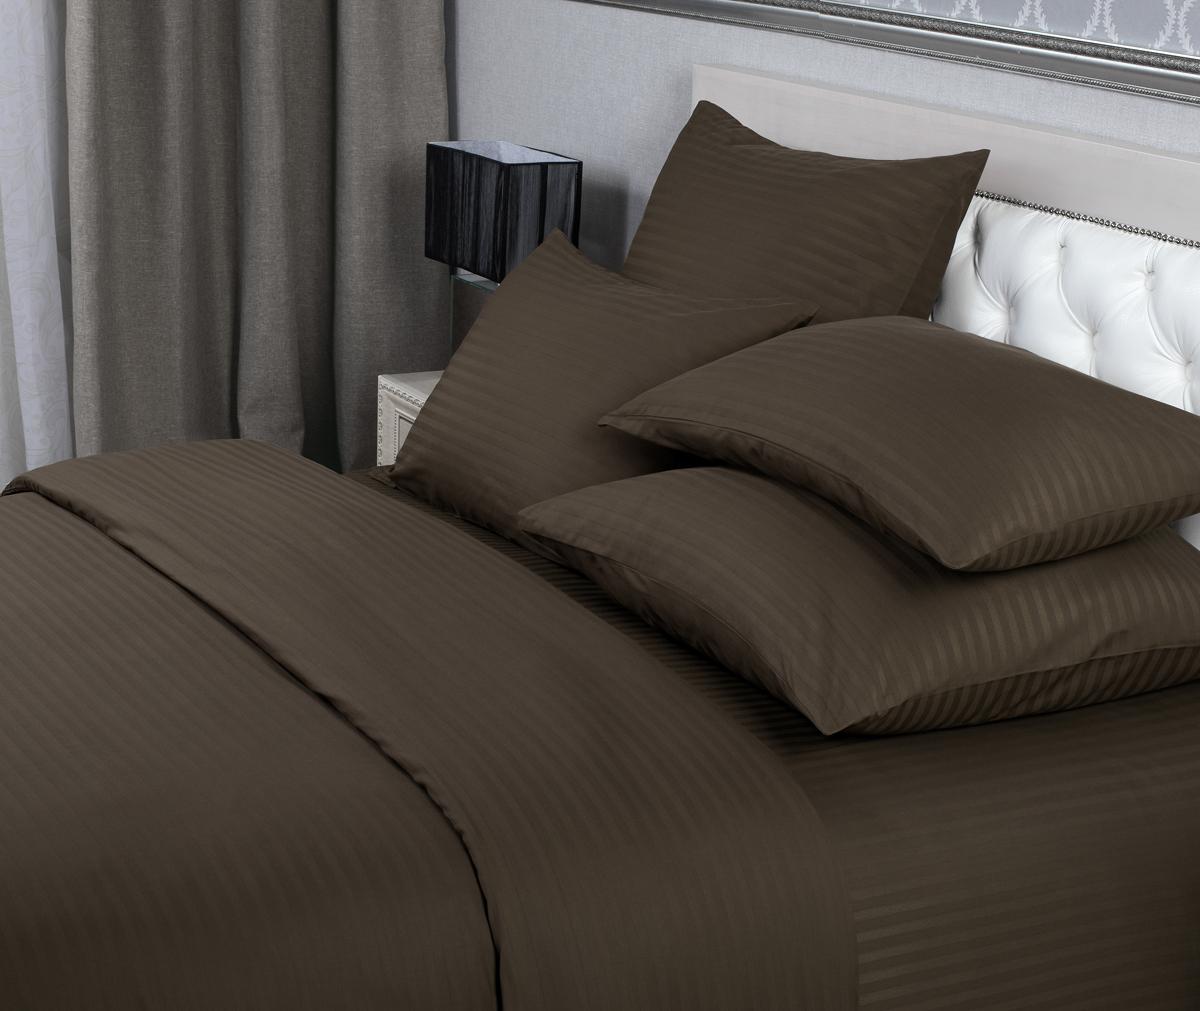 Комплект белья Verossa, 1,5-спальный, наволочки 50х70 см, цвет: шоколадный полотенце verossa verossa ve032judhec6